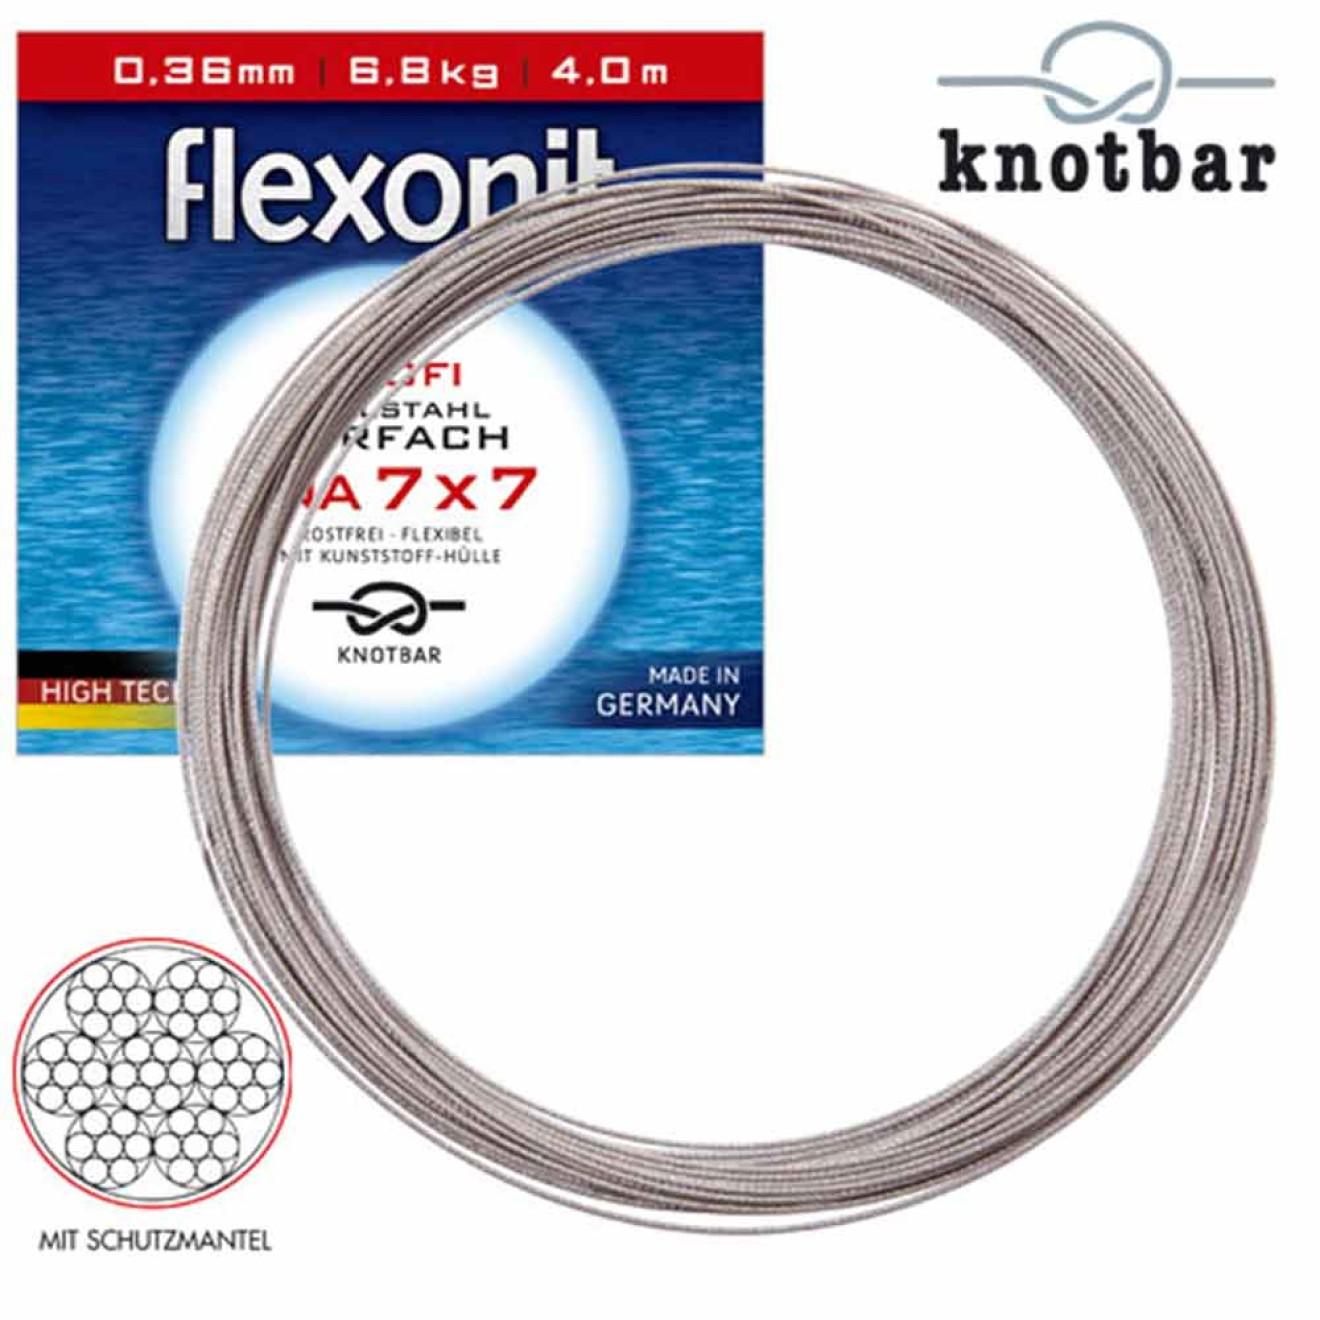 20,0 kg Flexonit 1x7-0,45mm 4m